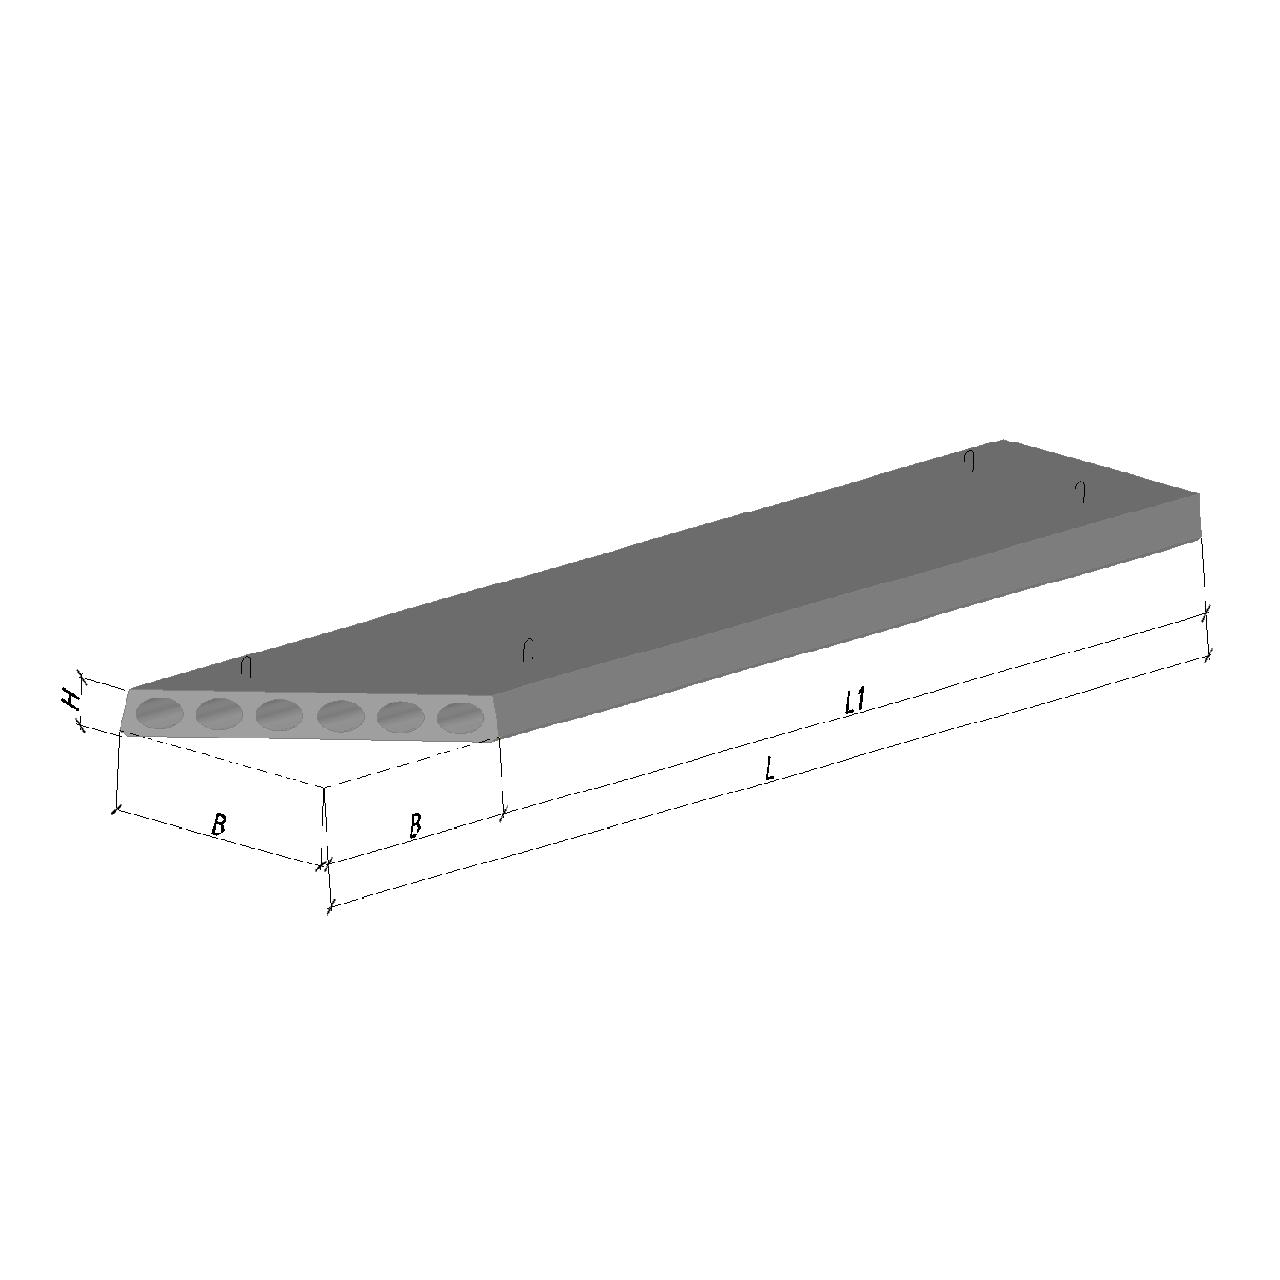 Плита перекрытия ПК 31-12-8 К1 582